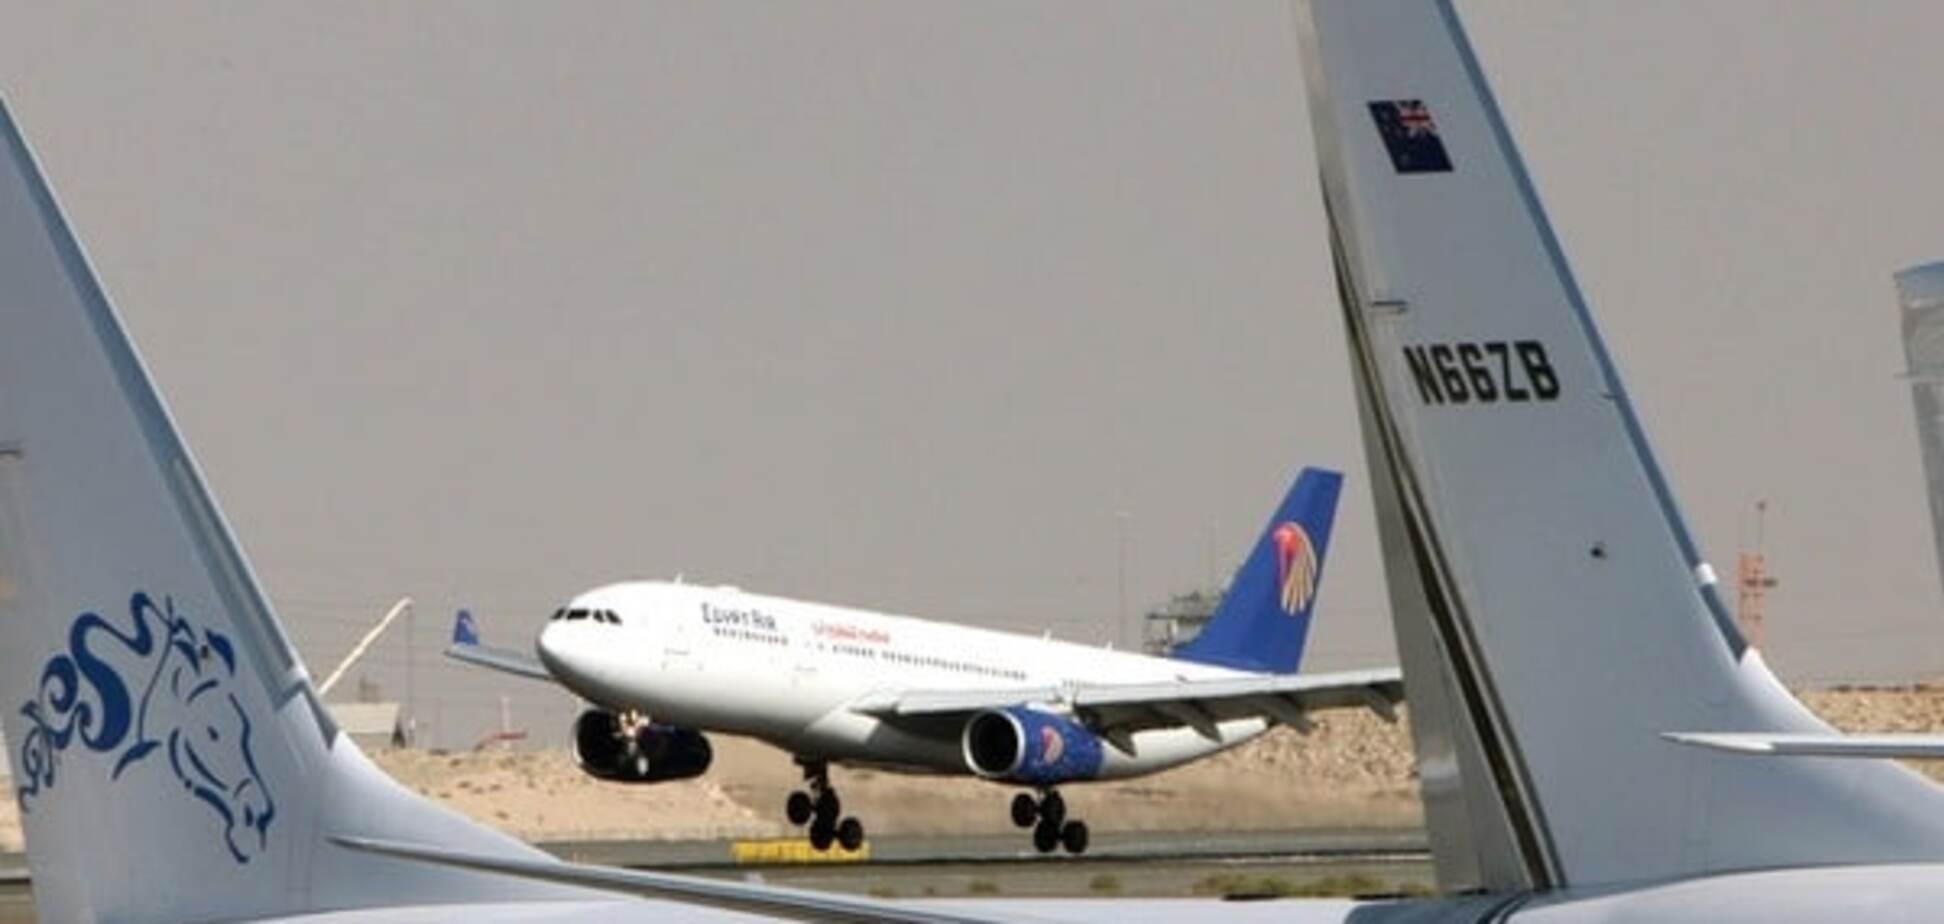 Експерт назвав ймовірну причину катастрофи літака EgyptAir